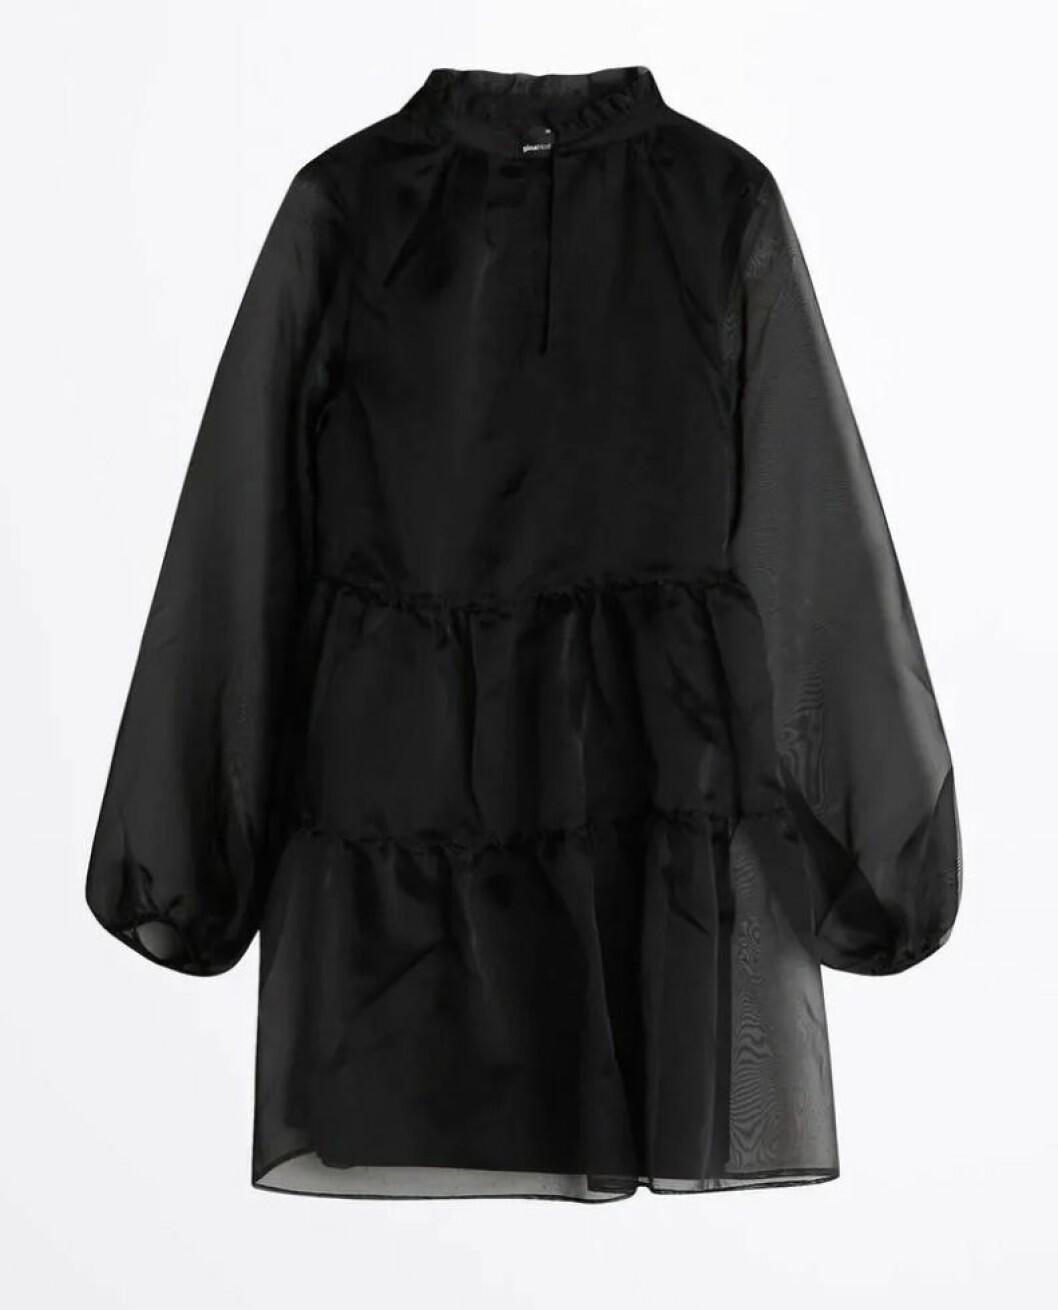 Svart volangklänning från Gina tricot